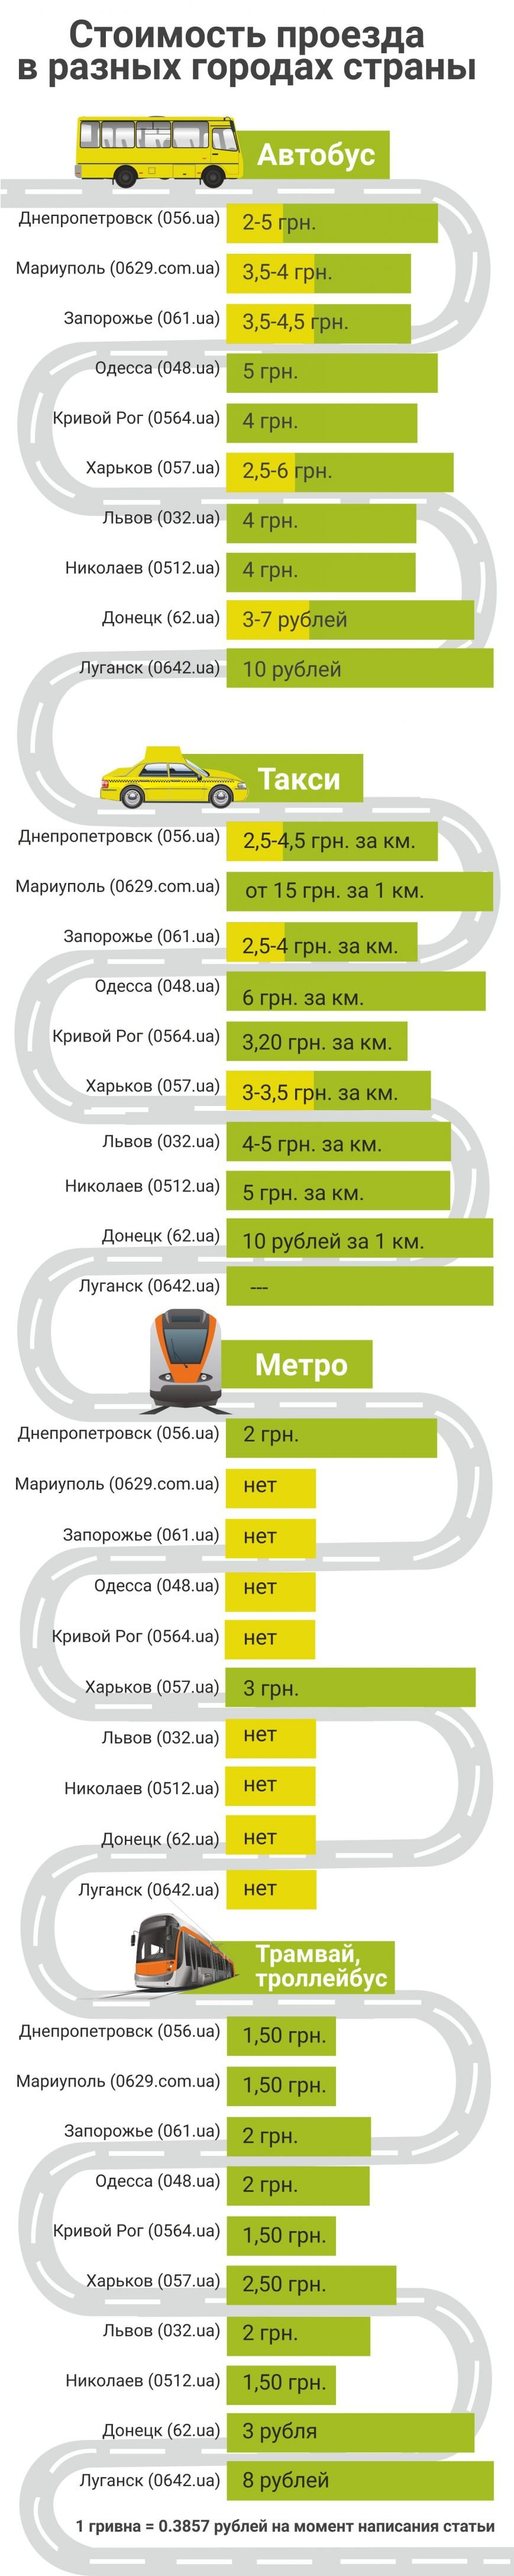 00491e491c3cd03714f3baead37a0d6a Сколько стоит проезд в городском транспорте в разных городах Украины, и какие есть проблемы